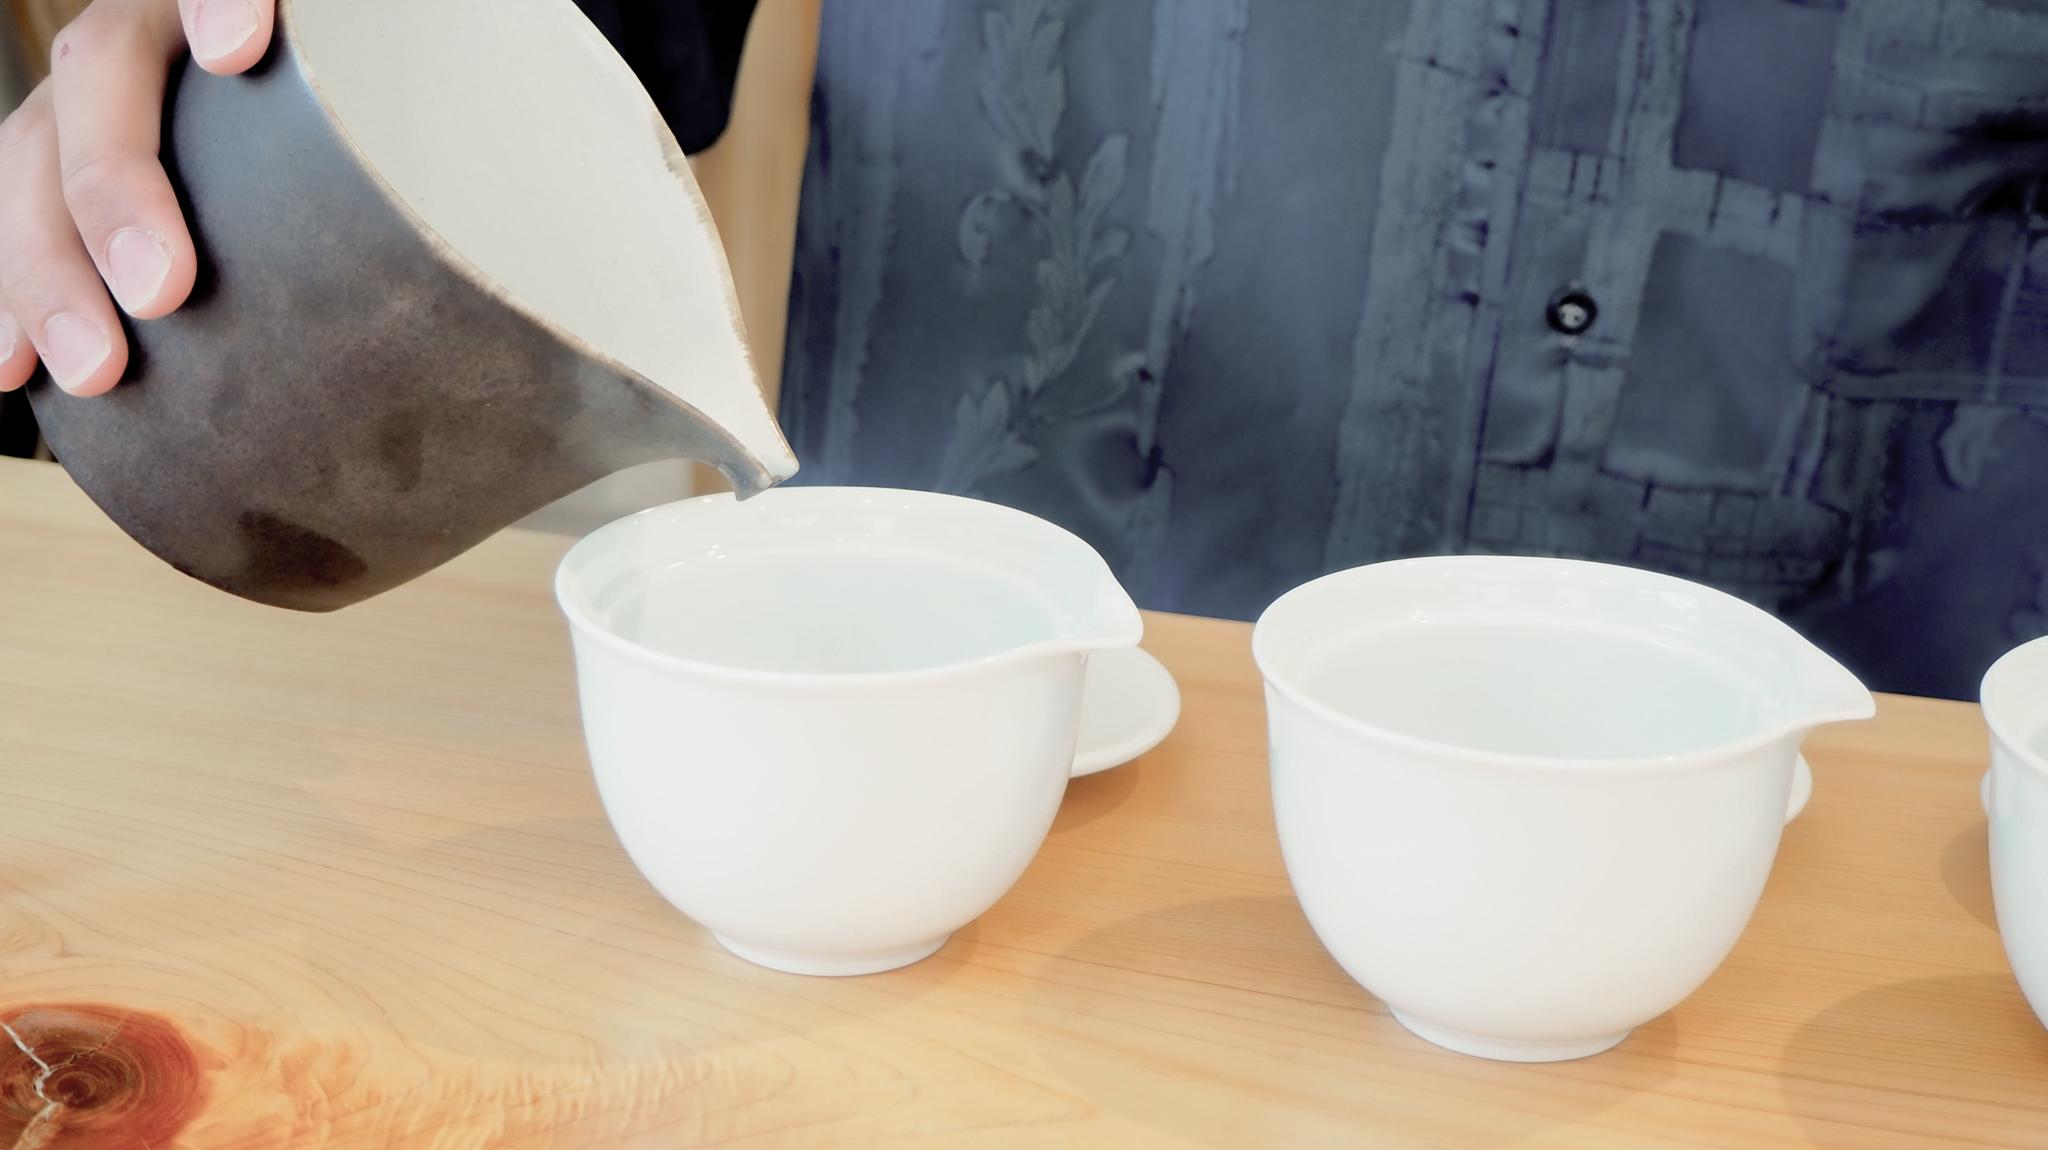 岐阜県美濃加茂市の新スポット! 話題の「泊まれる日本茶スタンド」を体験レポート - minokamo5 1